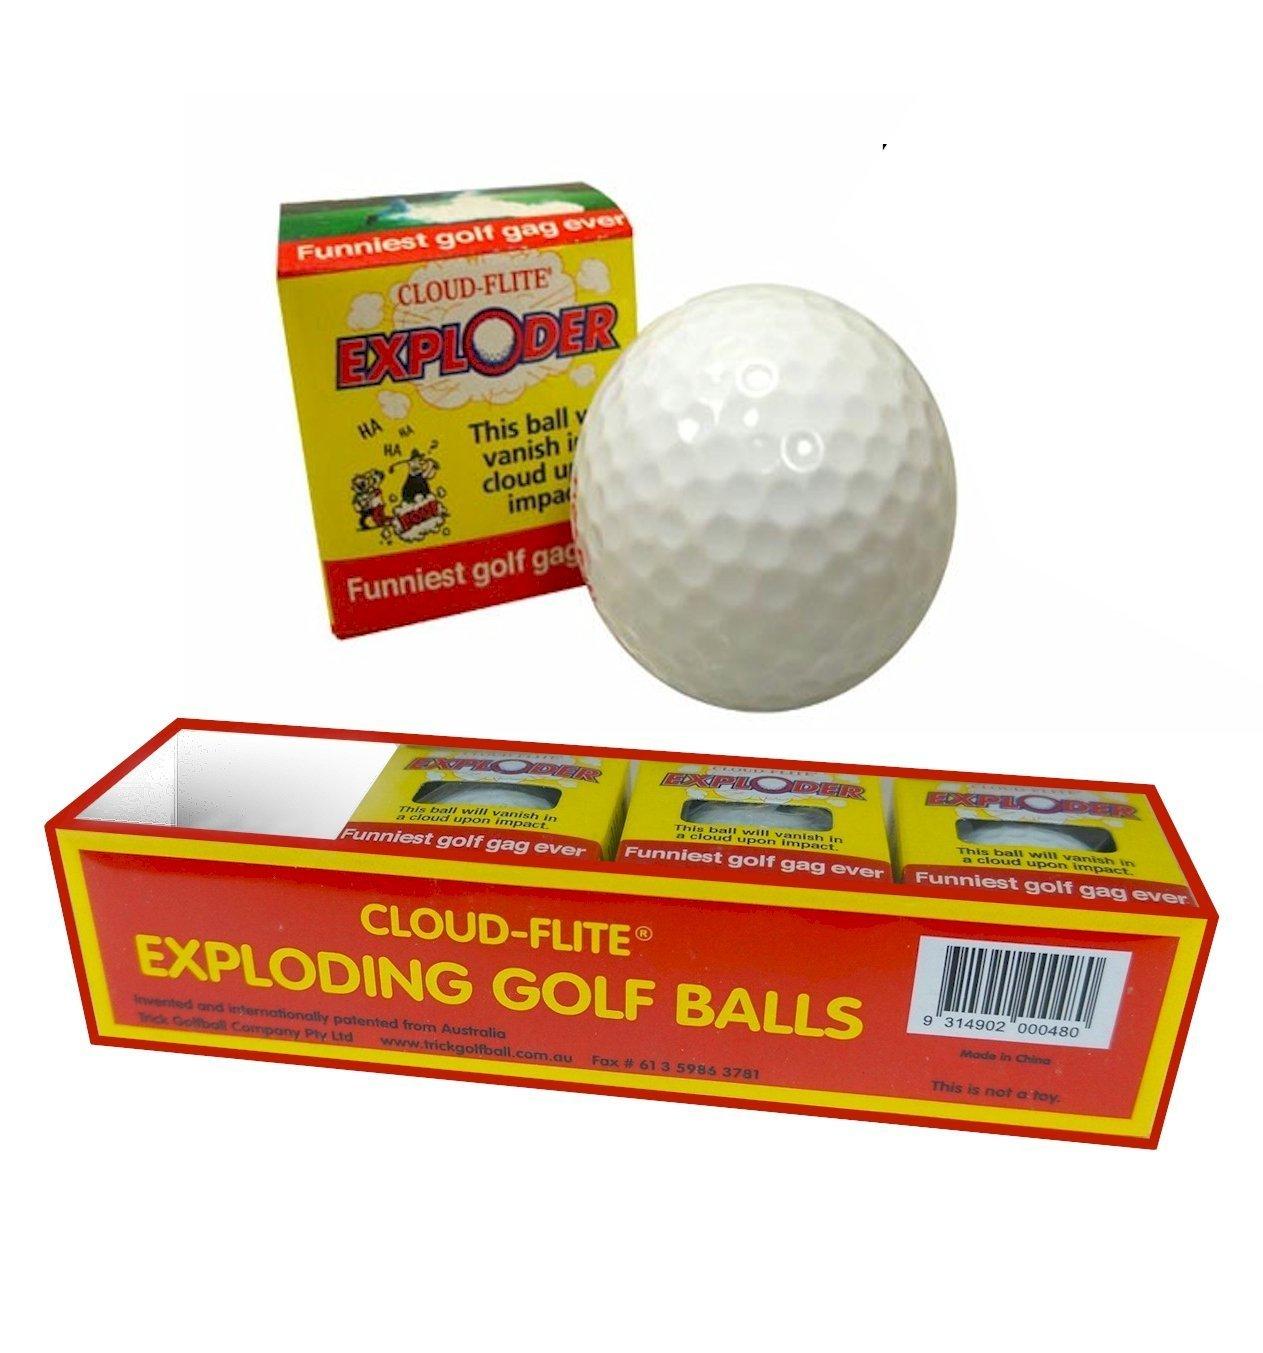 JP Lann Golf Cloud Flite Exploder Golf Ball (4-Pack), White, Standard Size [並行輸入品]   B071ZXK65M